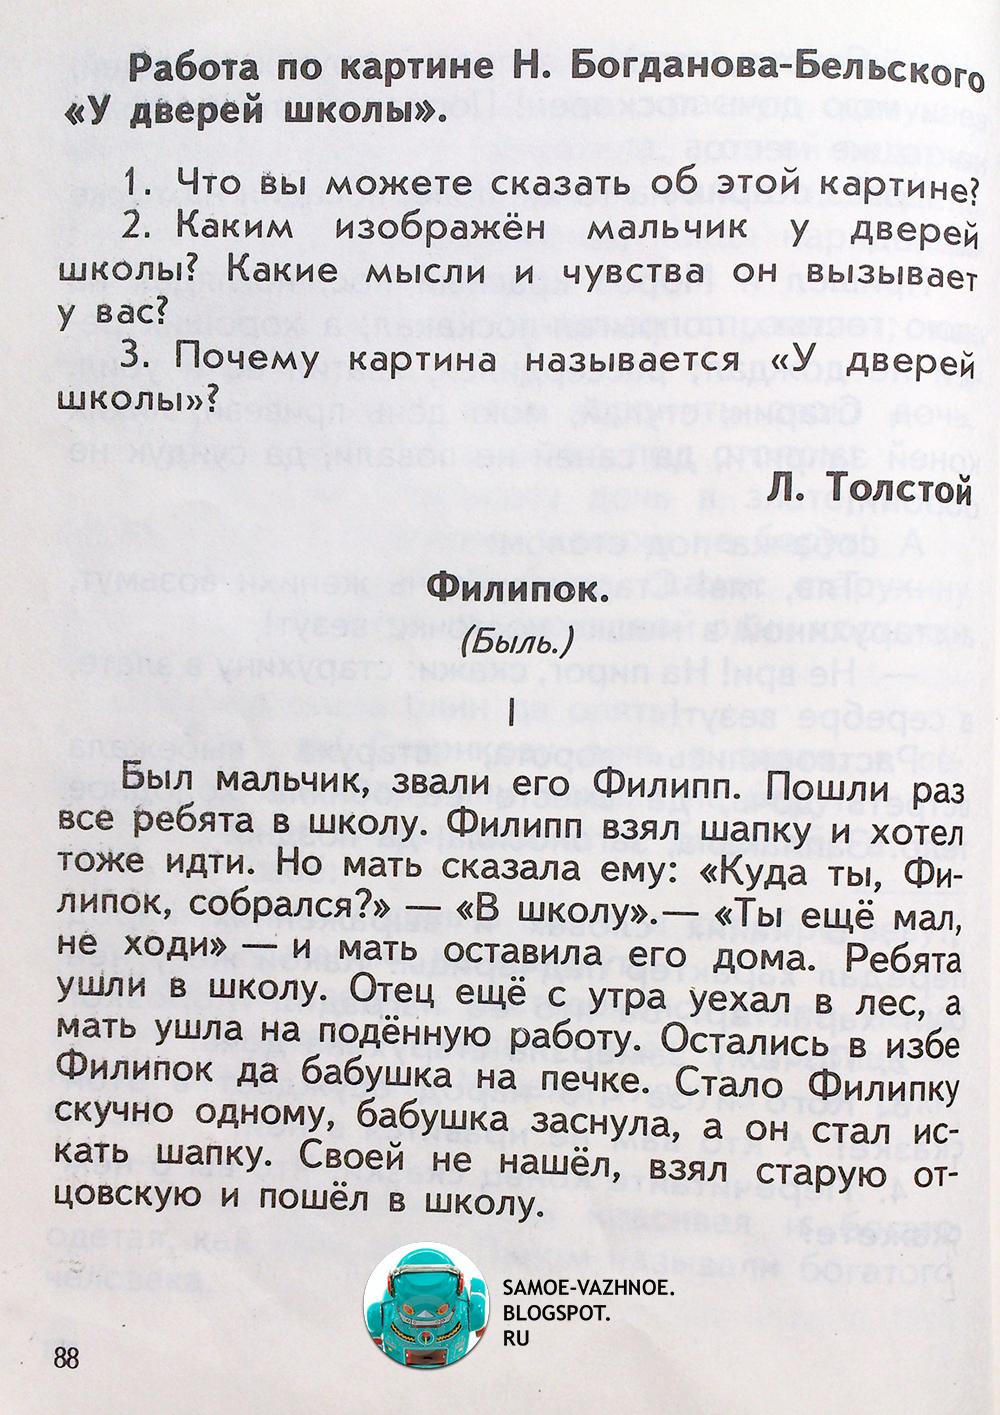 Толстой Филипок